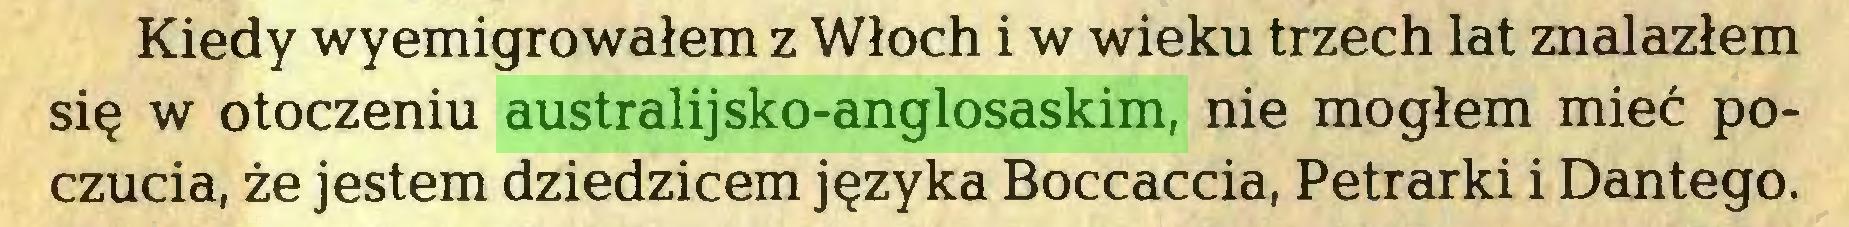 (...) Kiedy wyemigrowałem z Włoch i w wieku trzech lat znalazłem się w otoczeniu australijsko-anglosaskim, nie mogłem mieć poczucia, że jestem dziedzicem języka Boccaccia, Petrarki i Dantego...